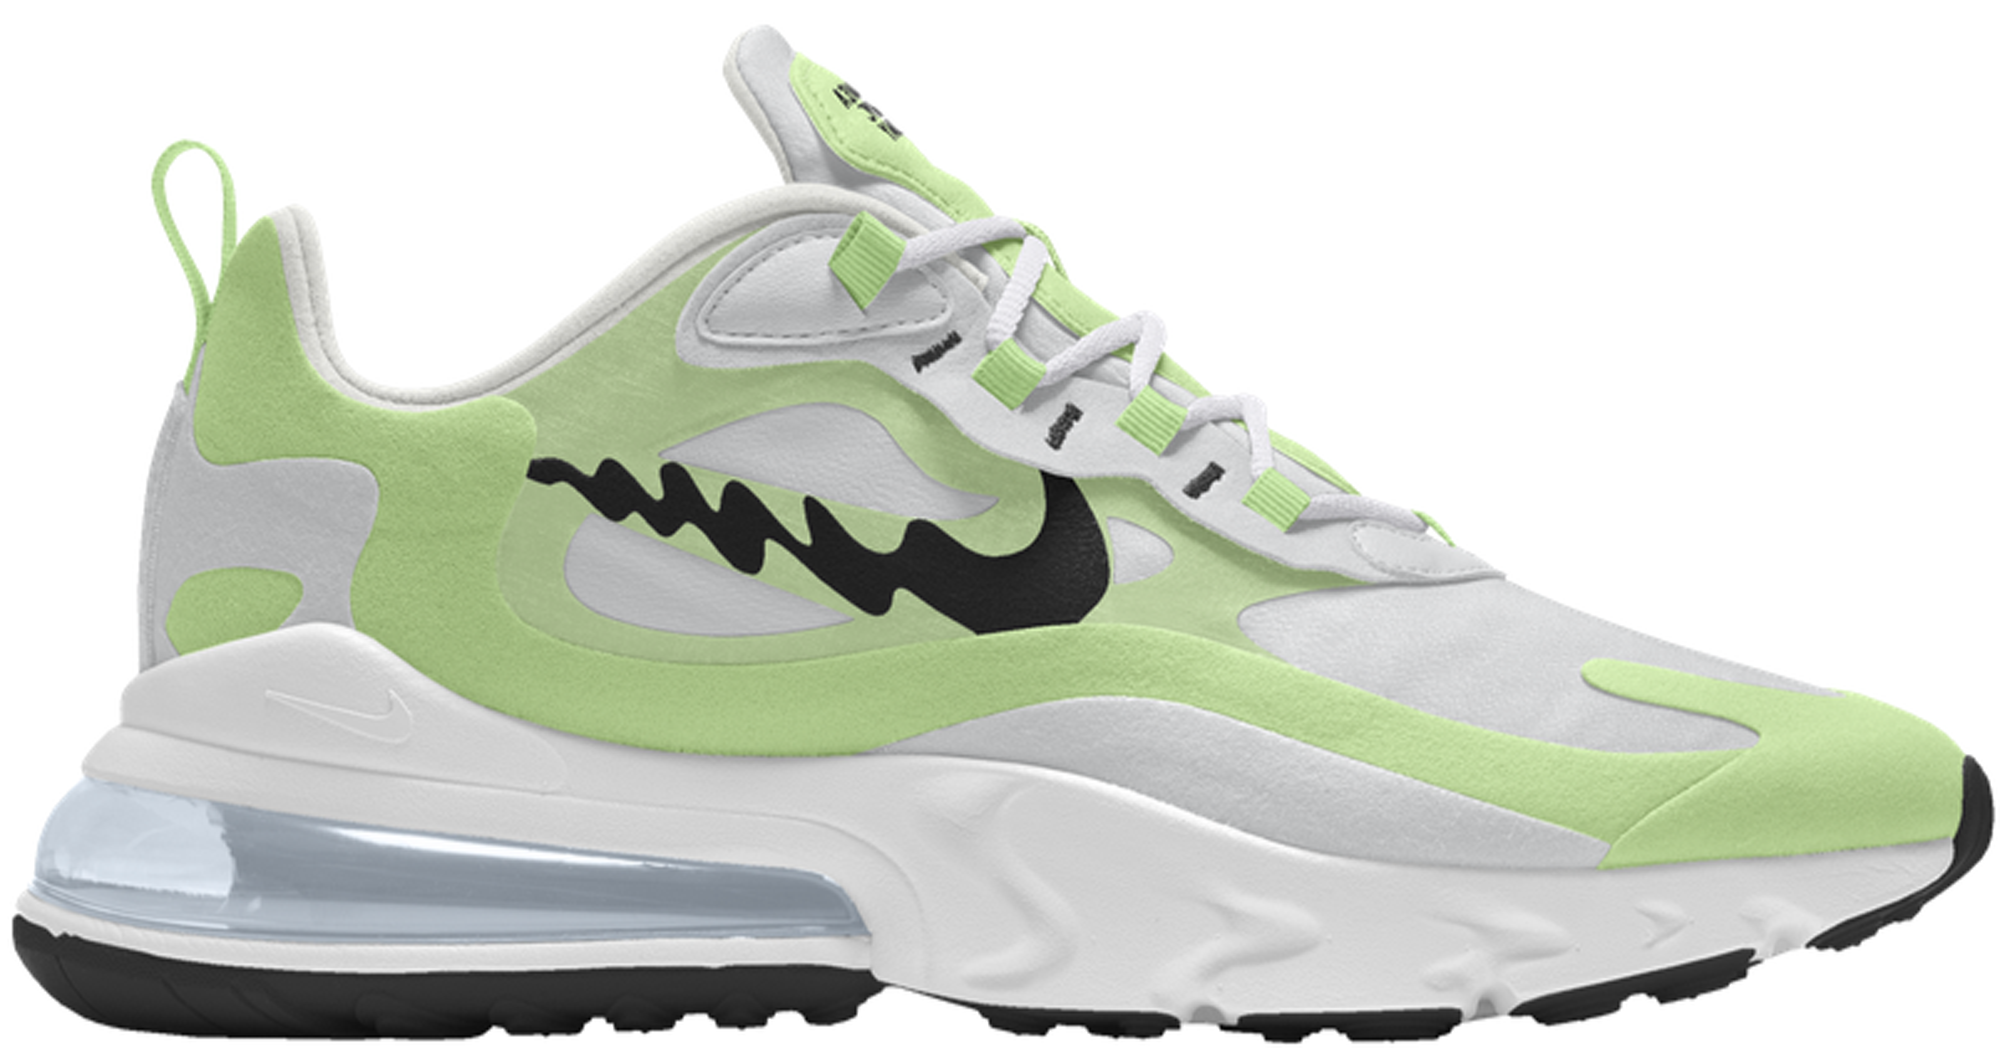 Nike Air Max 270 React In My Feels (W